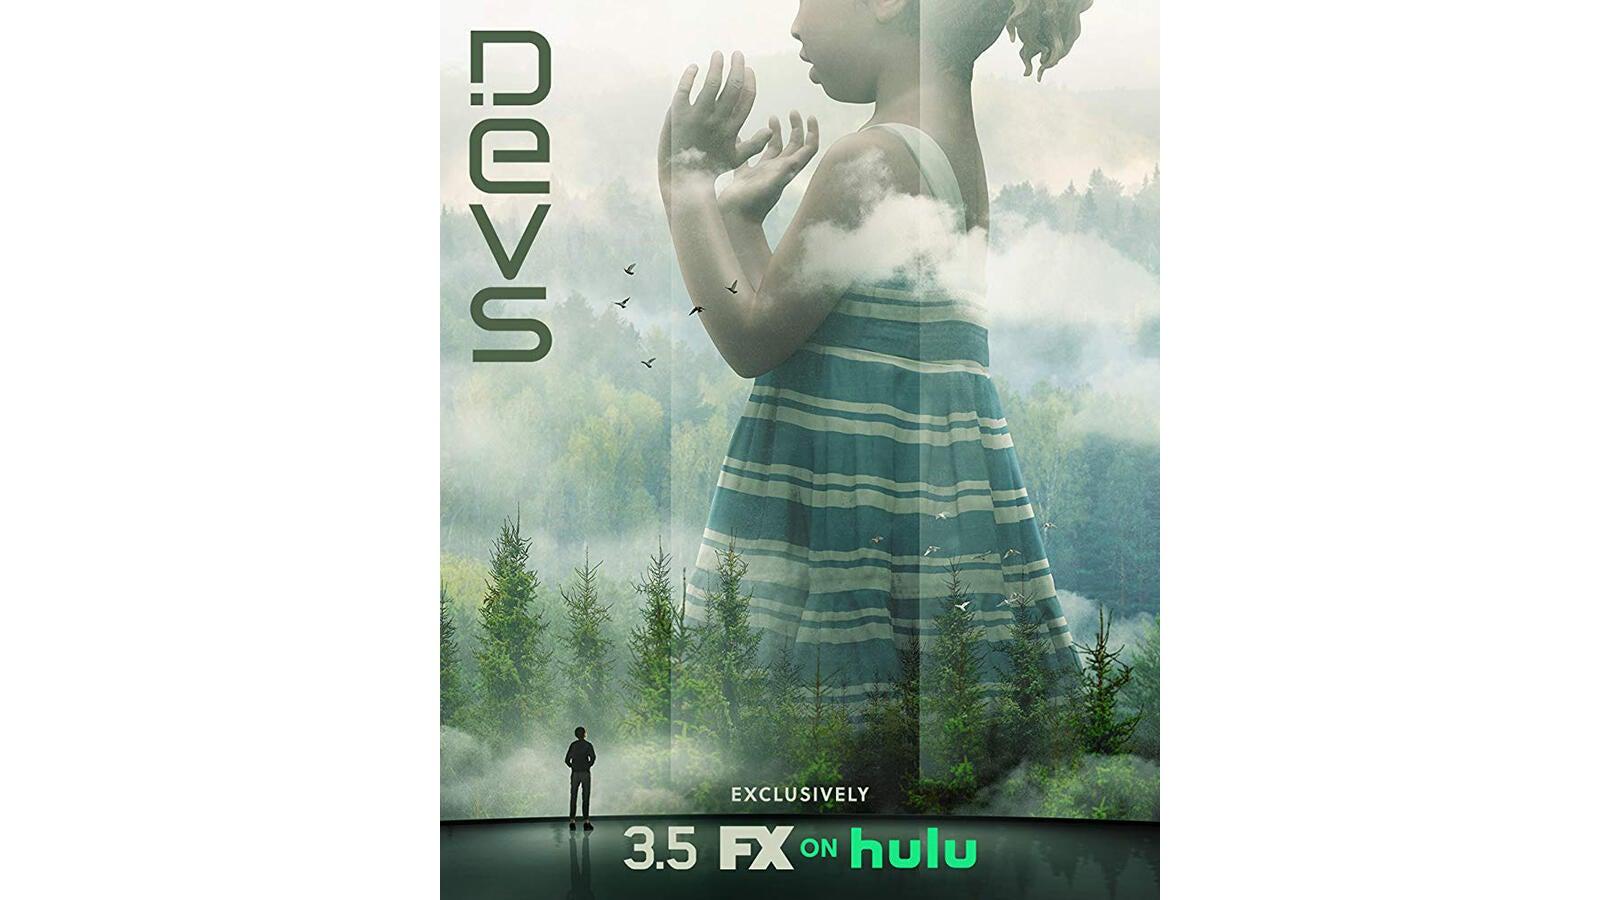 Alpha-Universe-Sony-Venice-72nd-Emmys-Devx.jpg